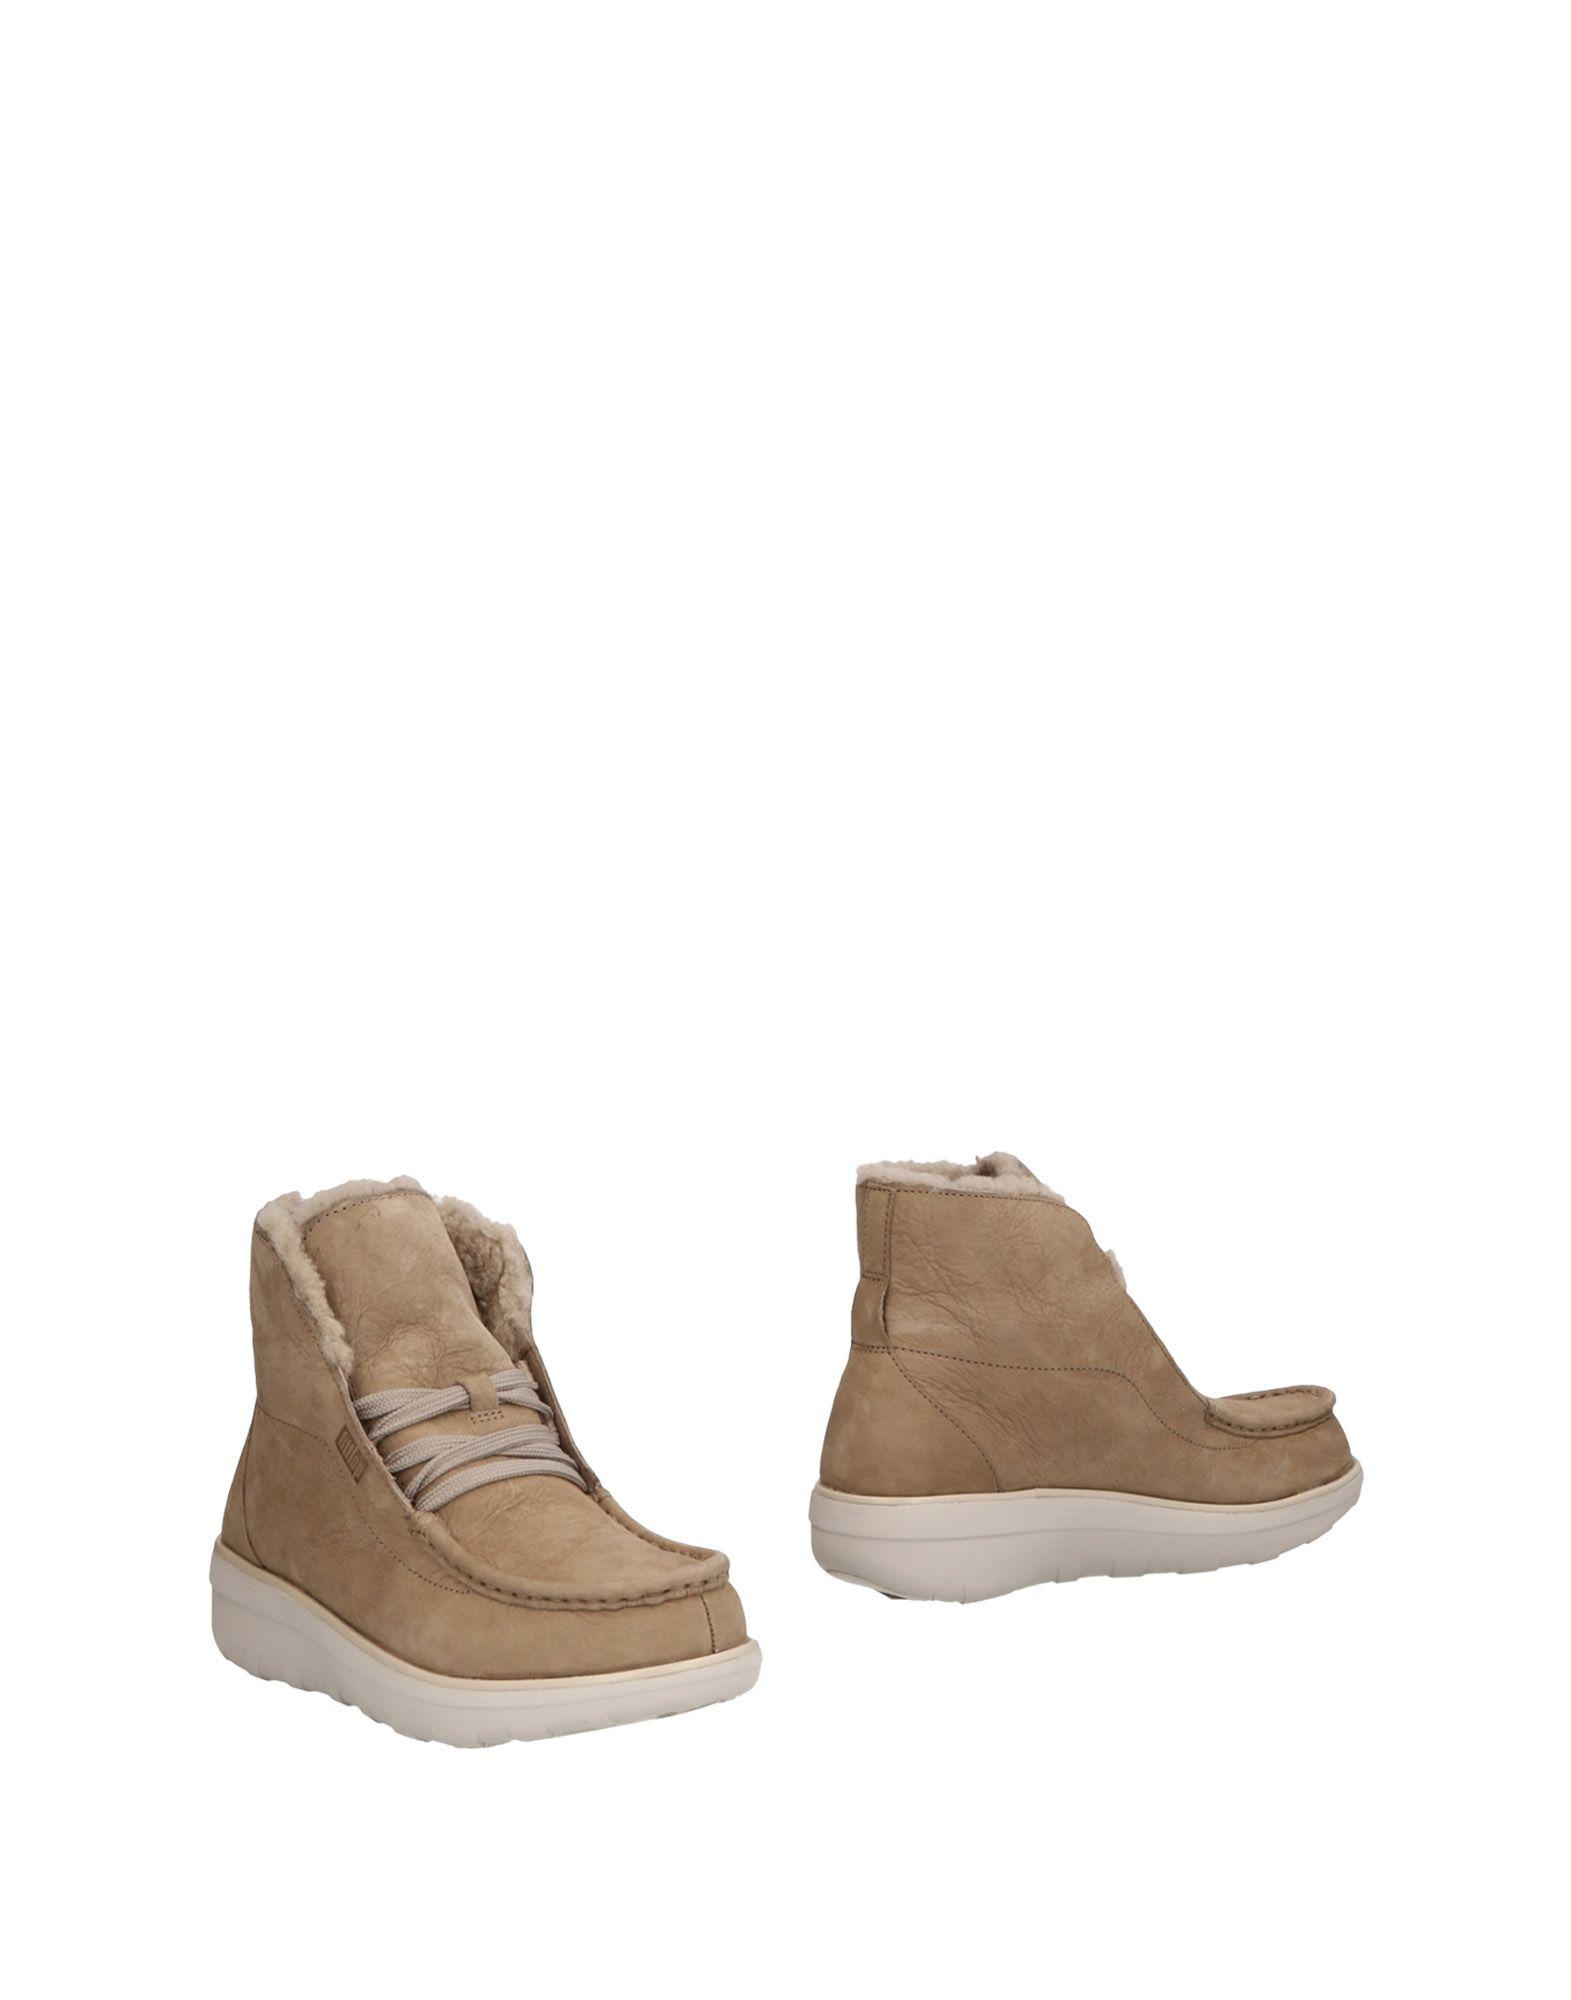 Fitflop Stiefelette Damen  11471798EG Gute Qualität beliebte Schuhe